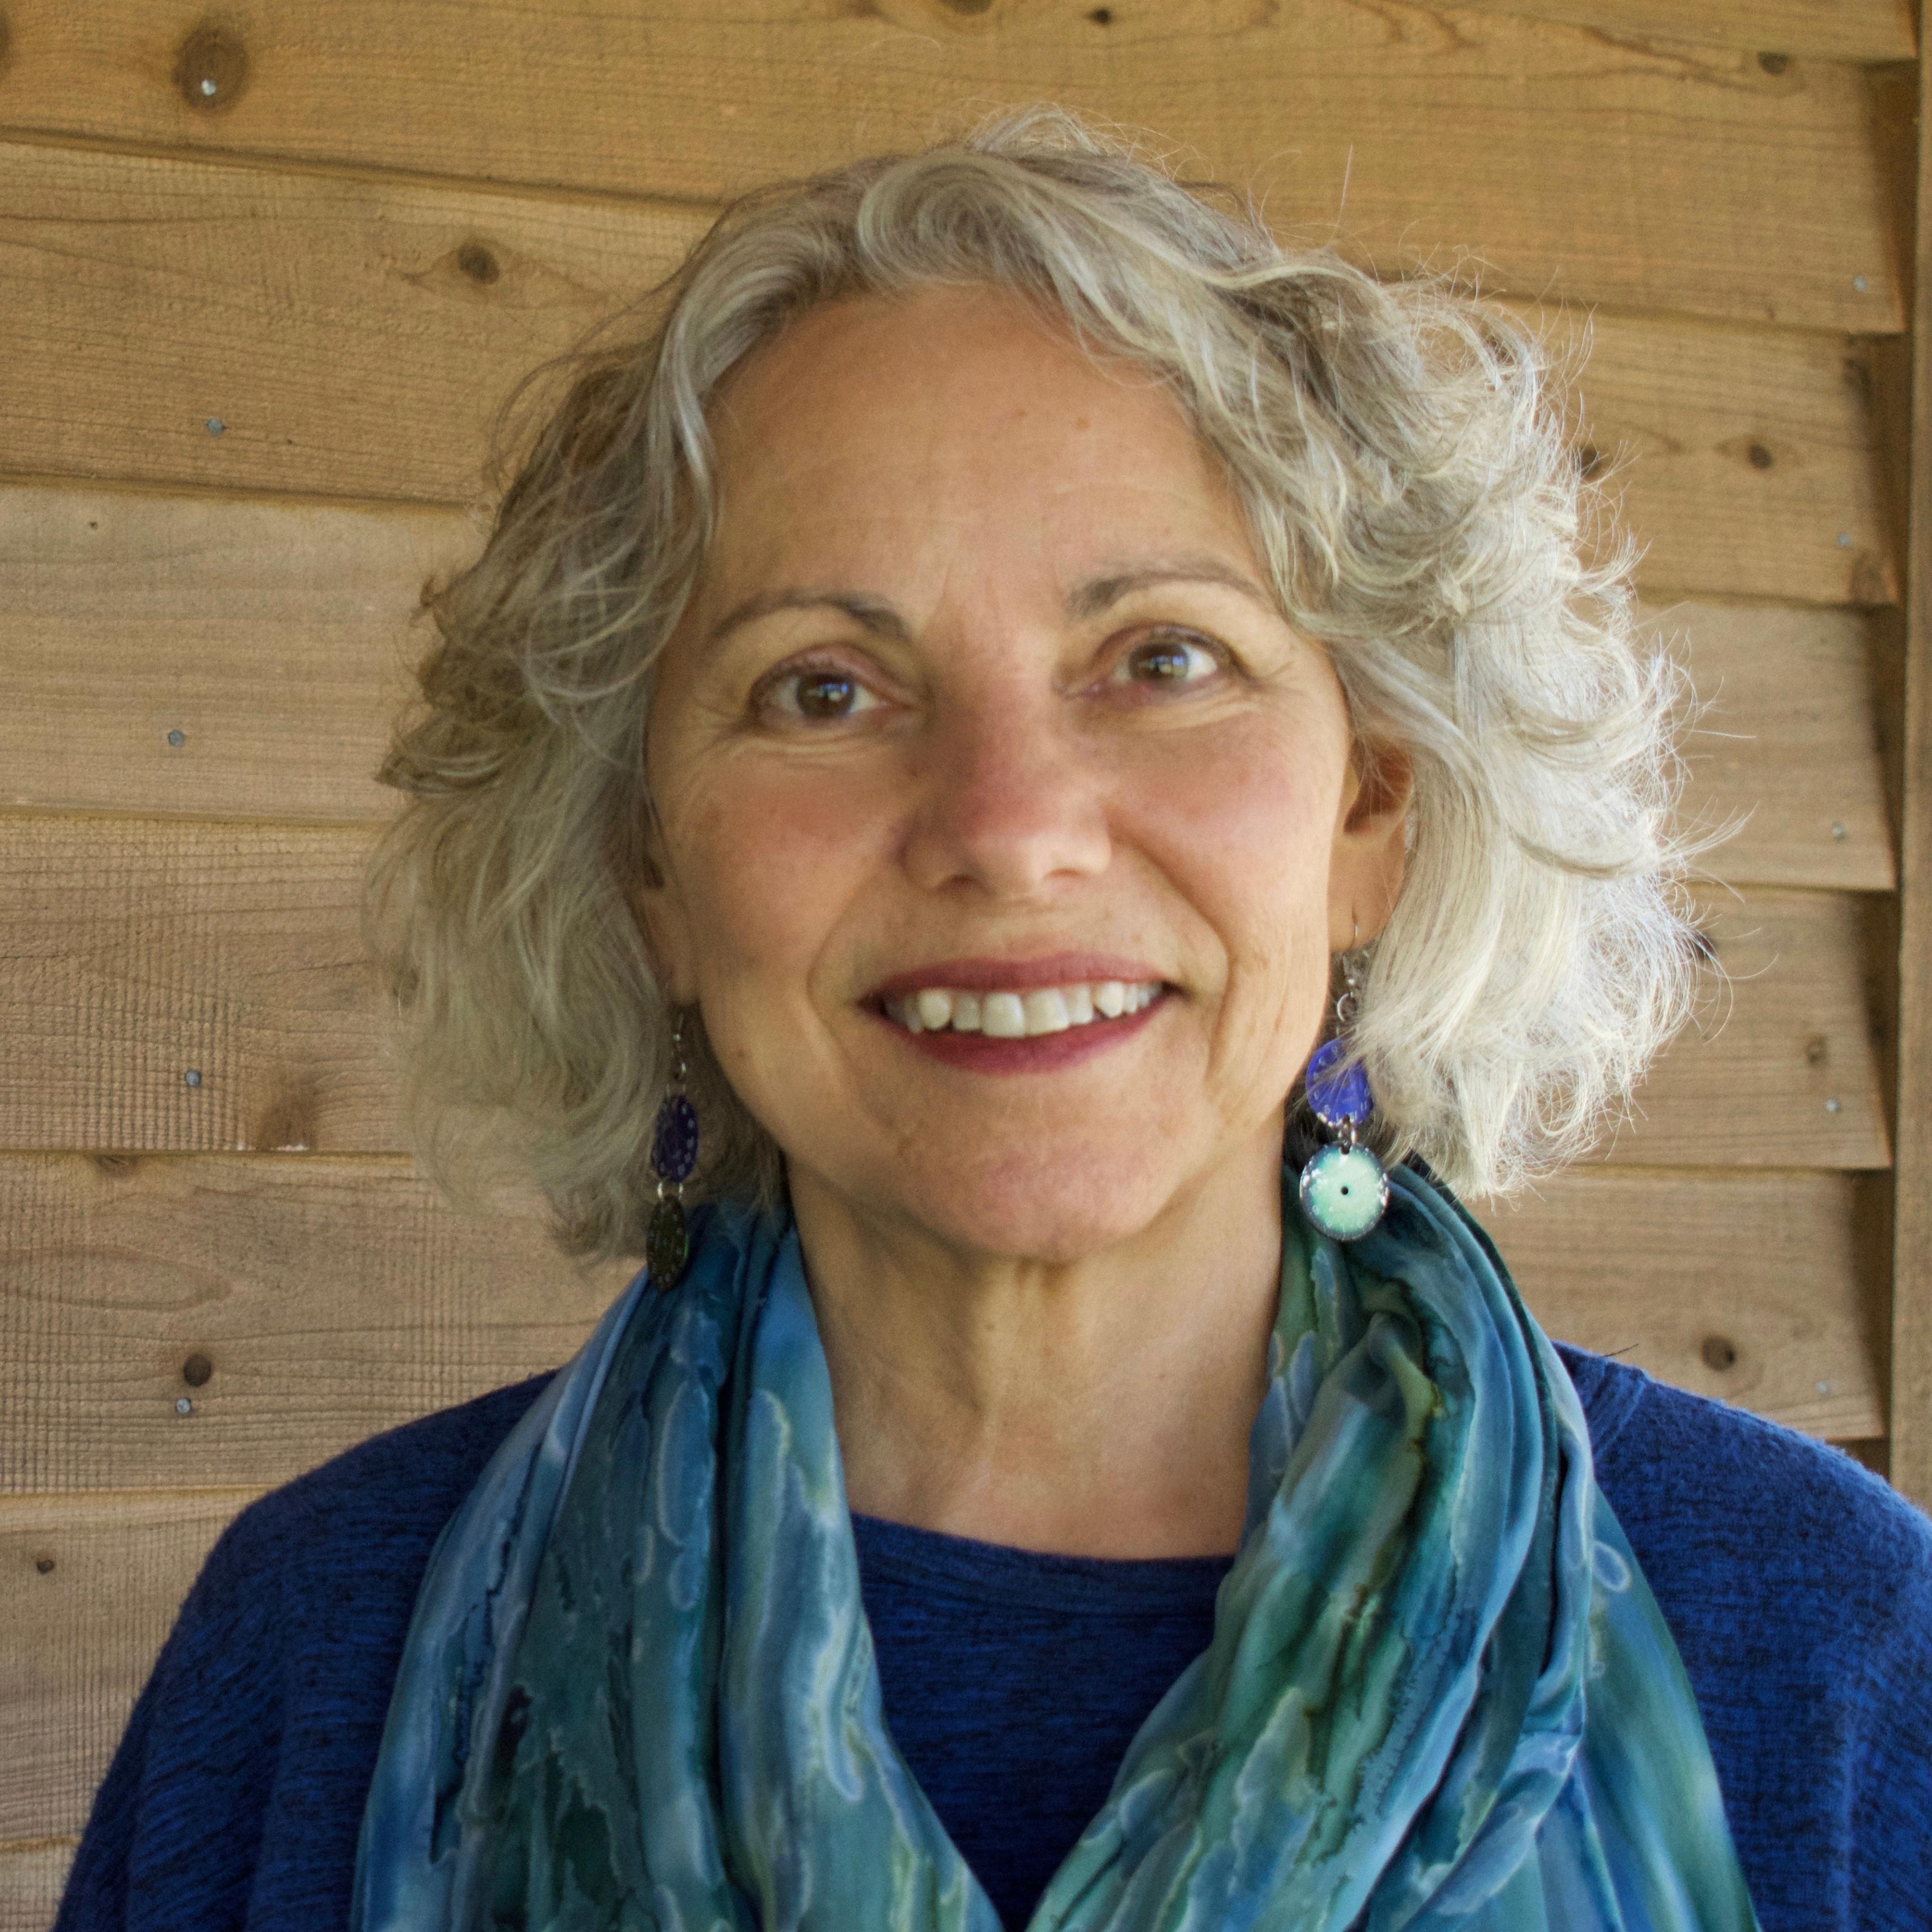 Carol Peppe Hewitt